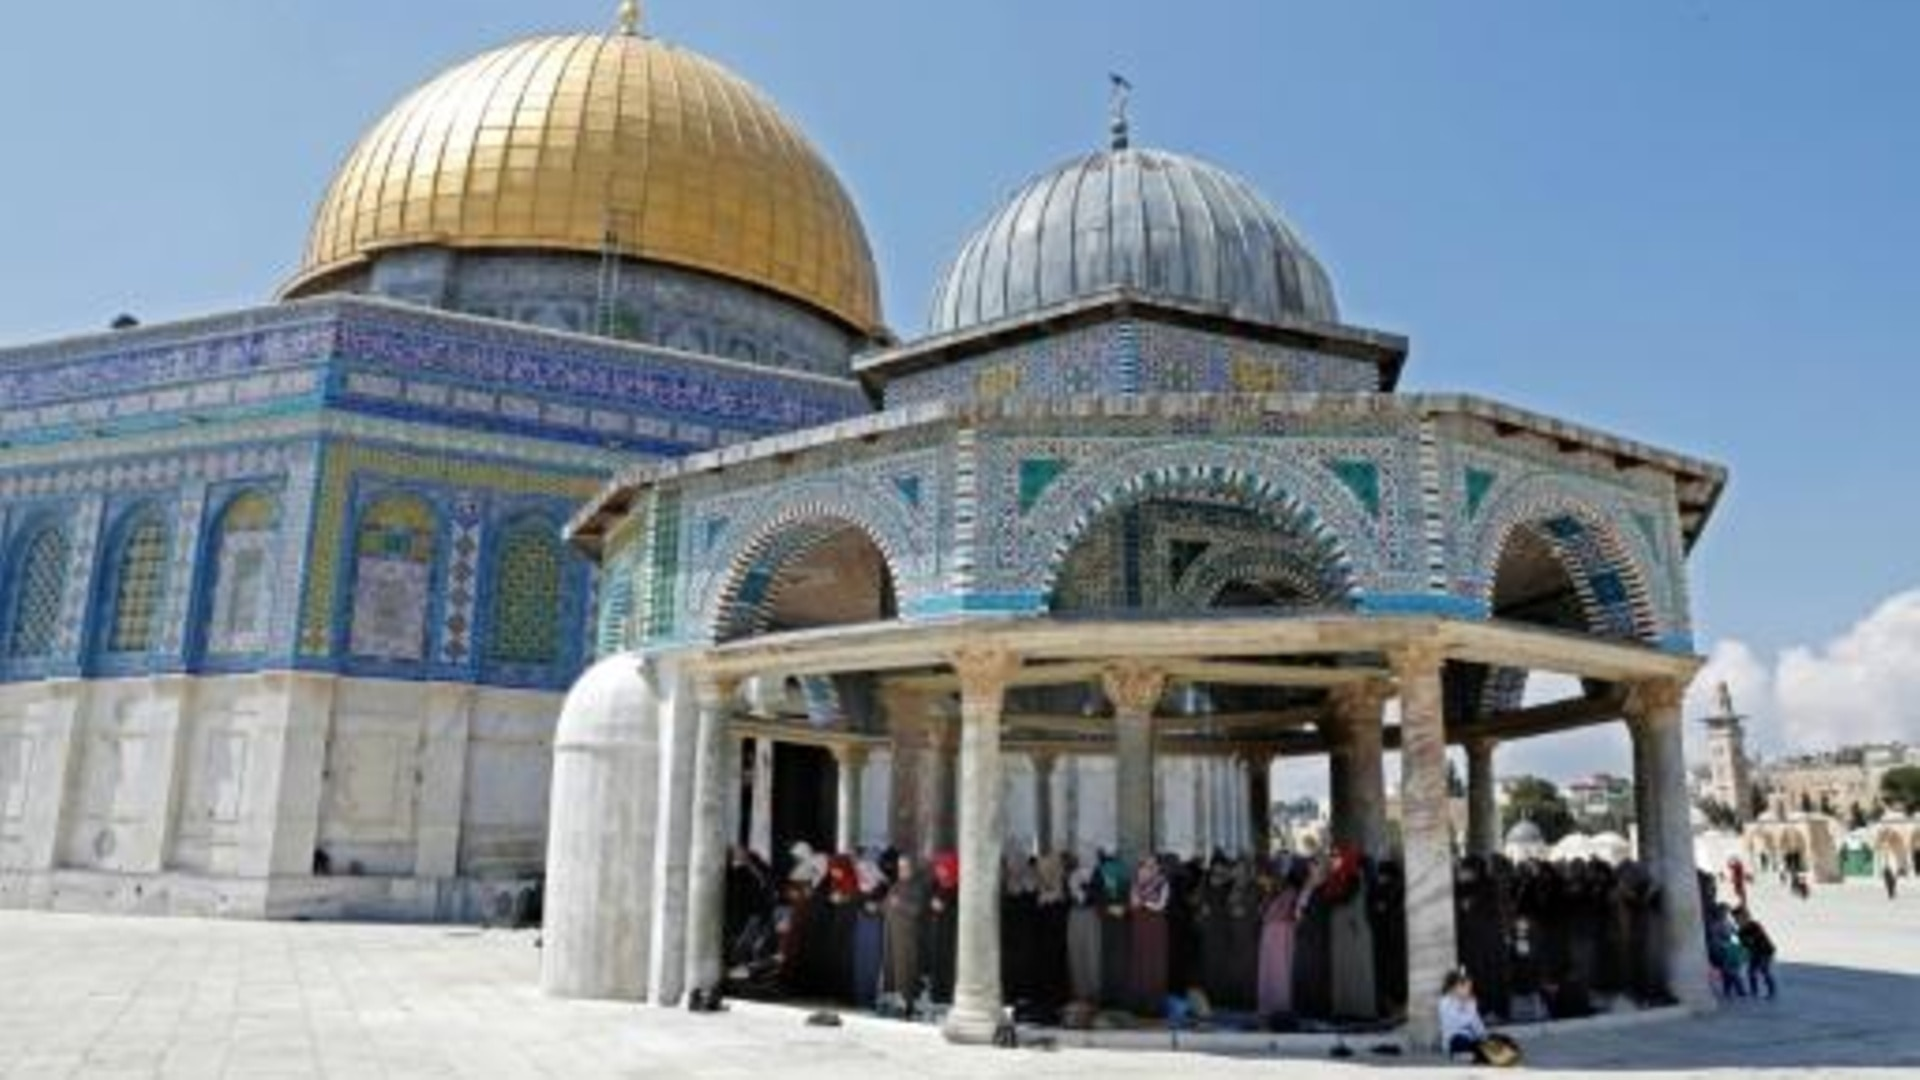 حريق صغير في باحات المسجد الأقصى في القدس - SWI swissinfo.ch